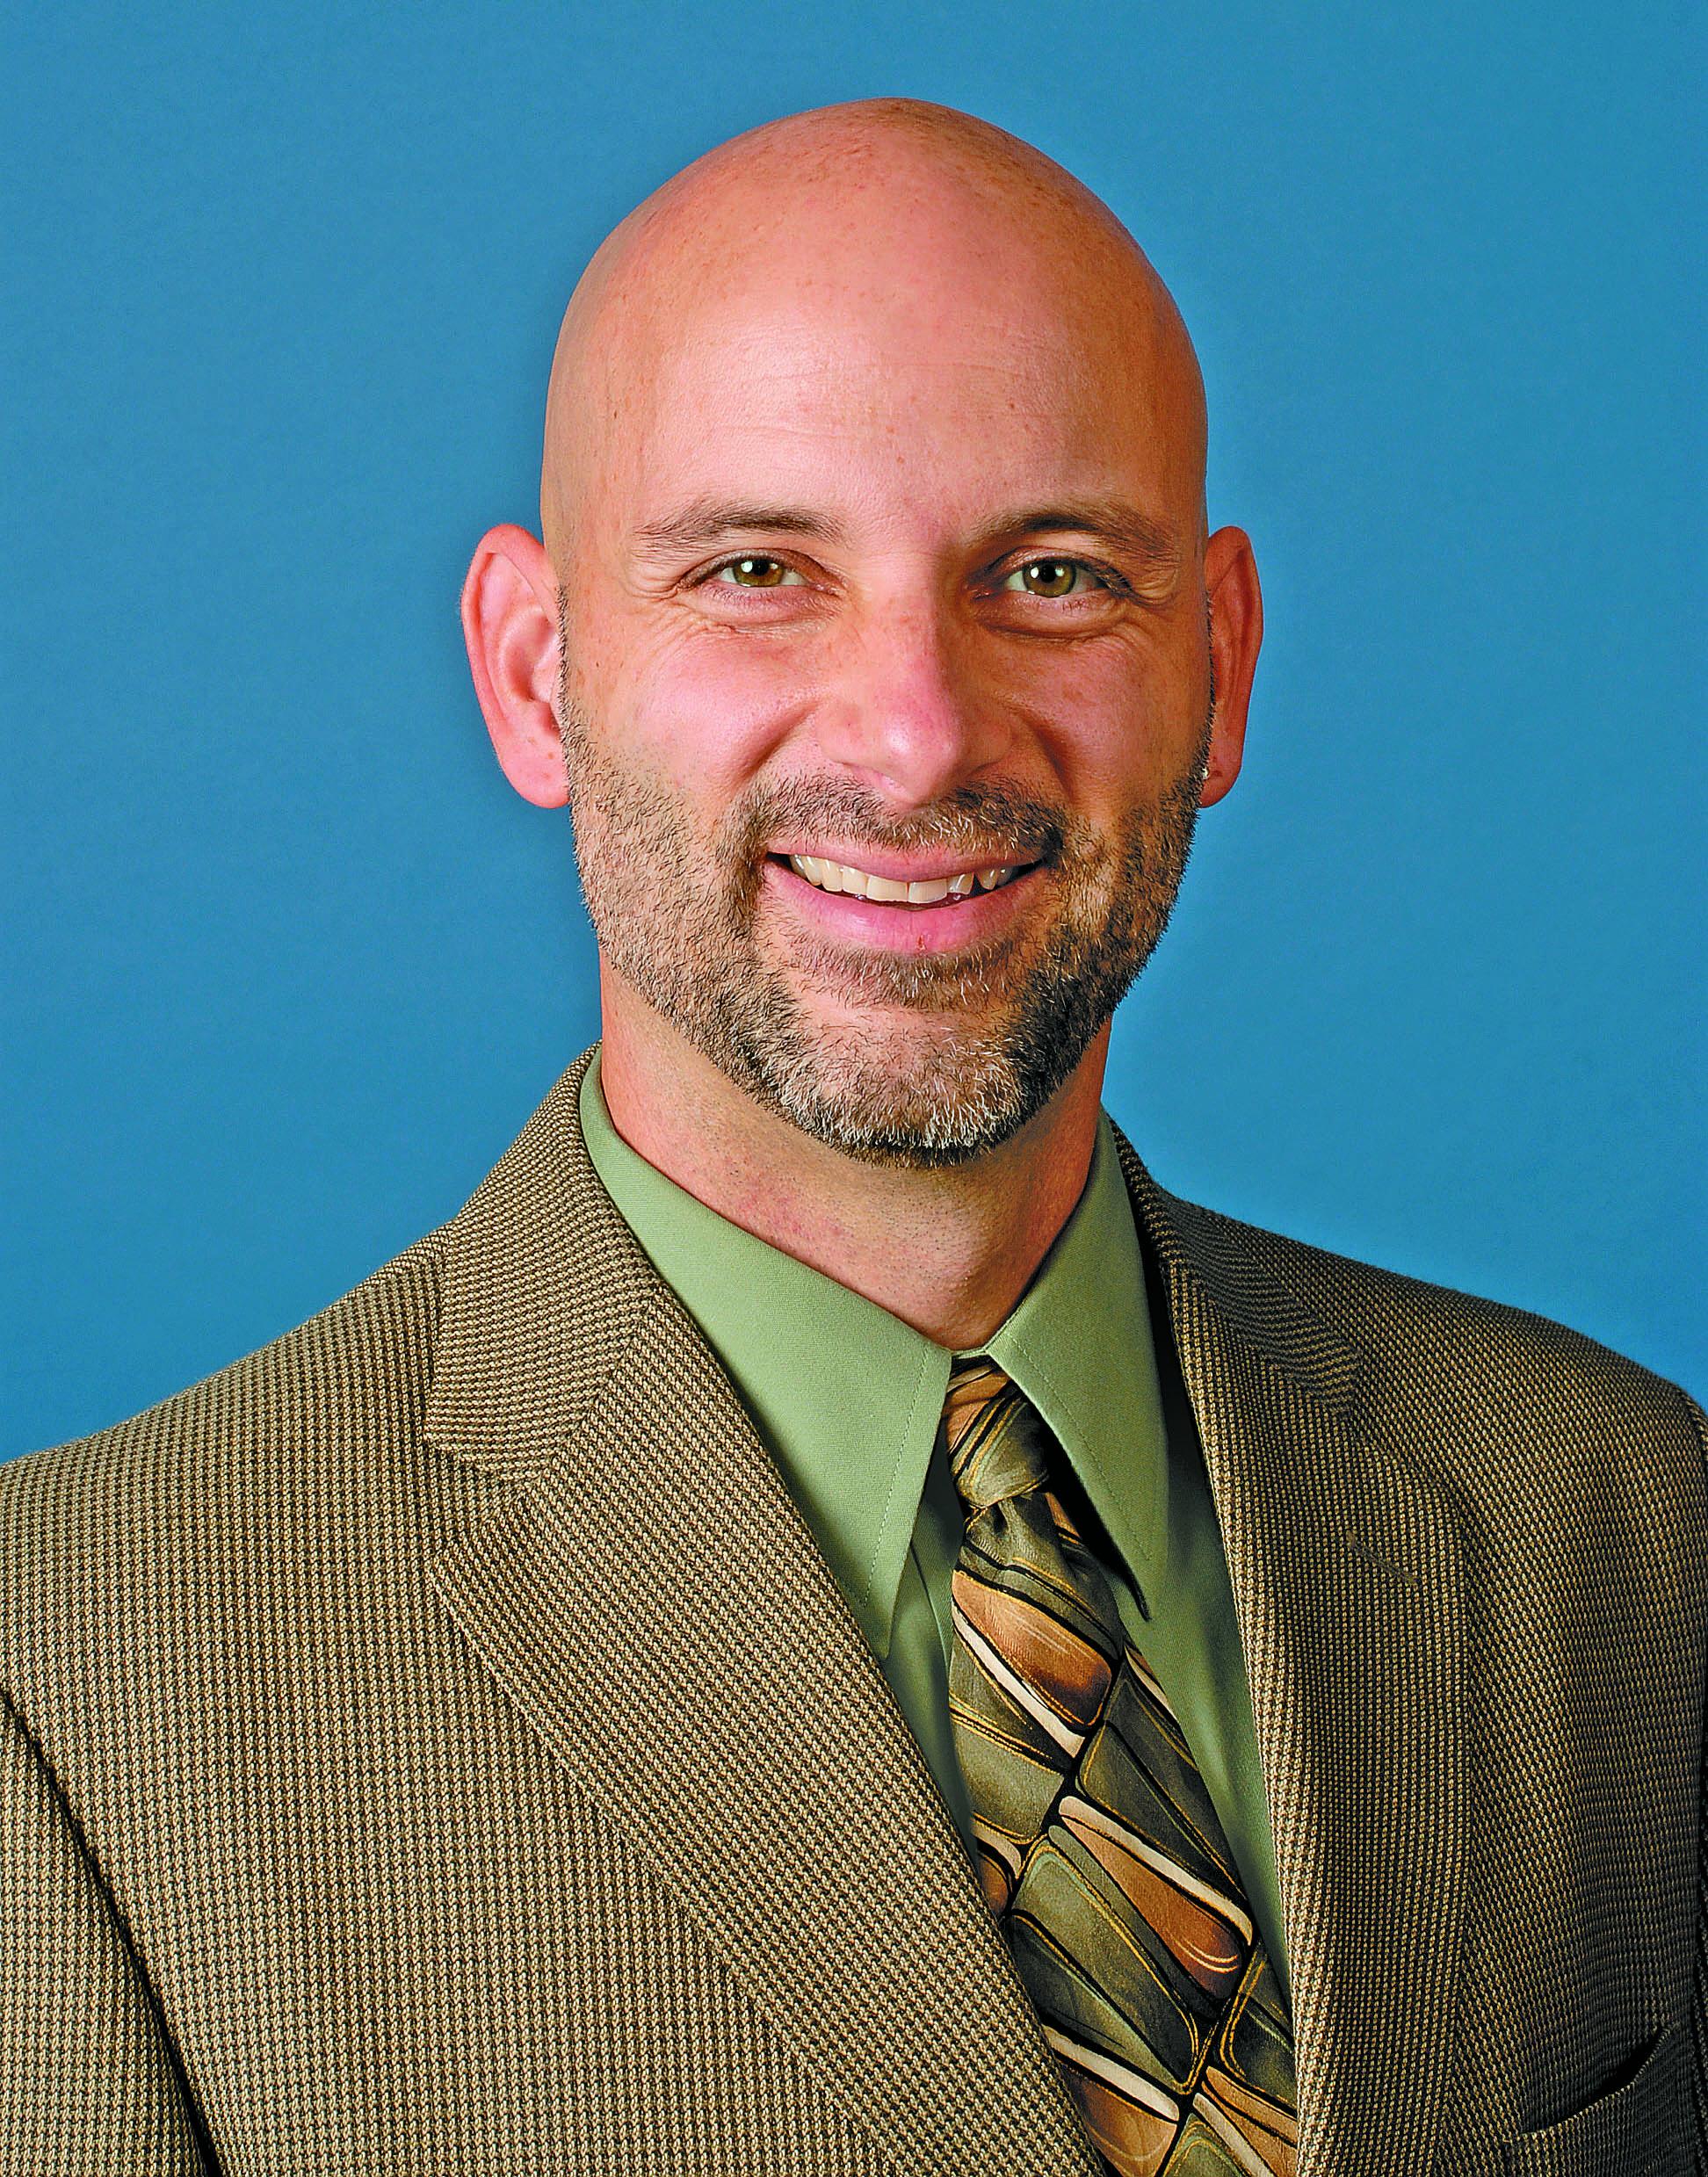 Christopher Hoffmann